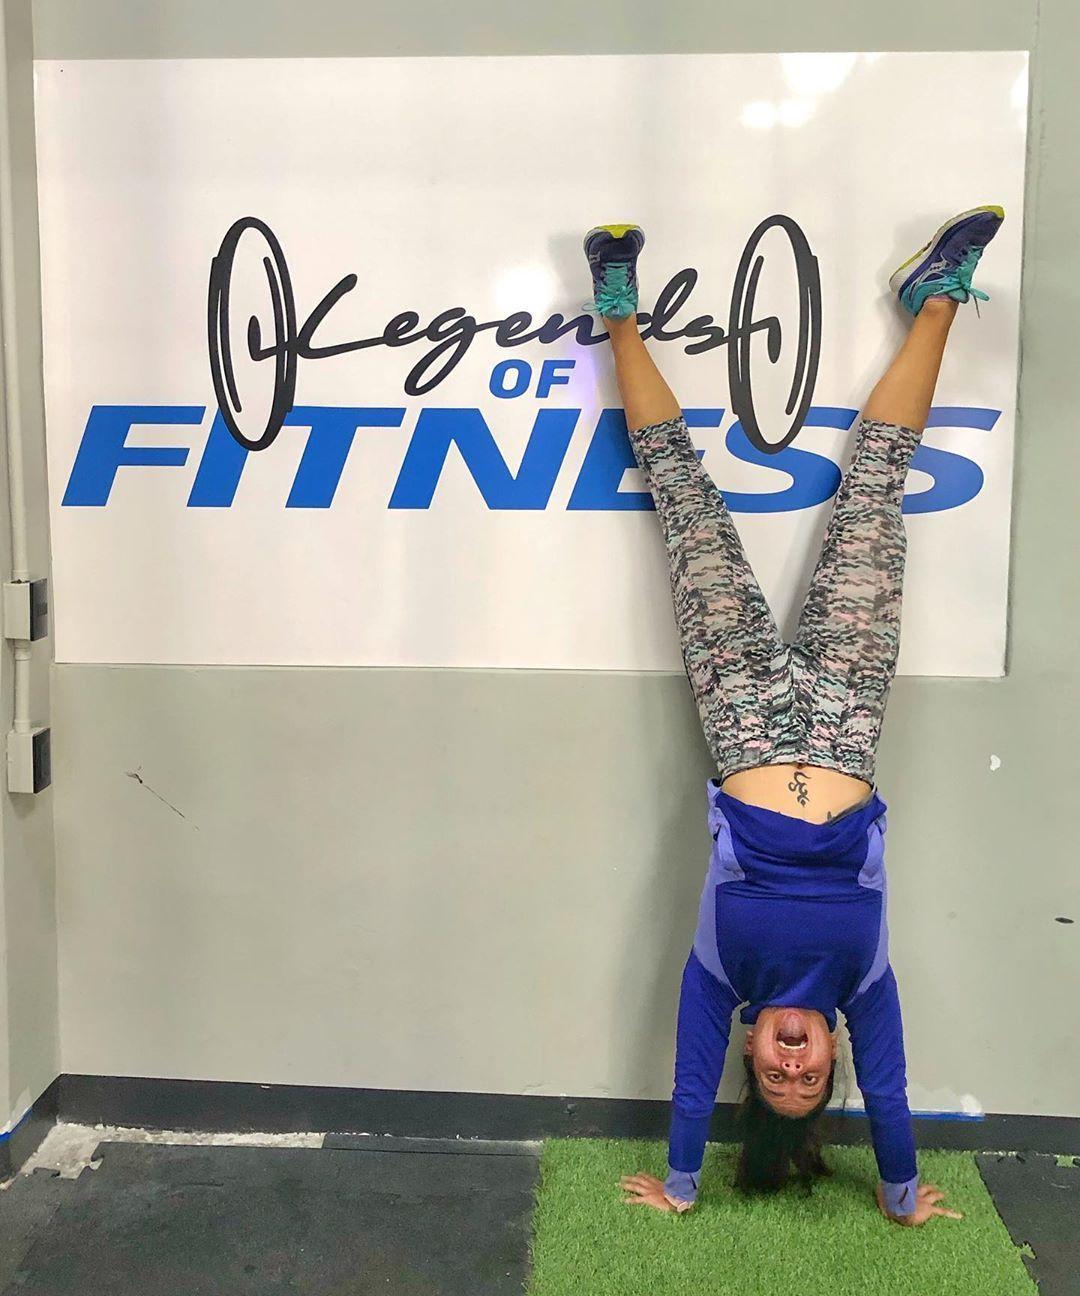 Die visita und @legendsoffitness_ • • #mexarifa 🇲🇽 #crossfit #Fitness #gym #workout #Crossfit #Die #...